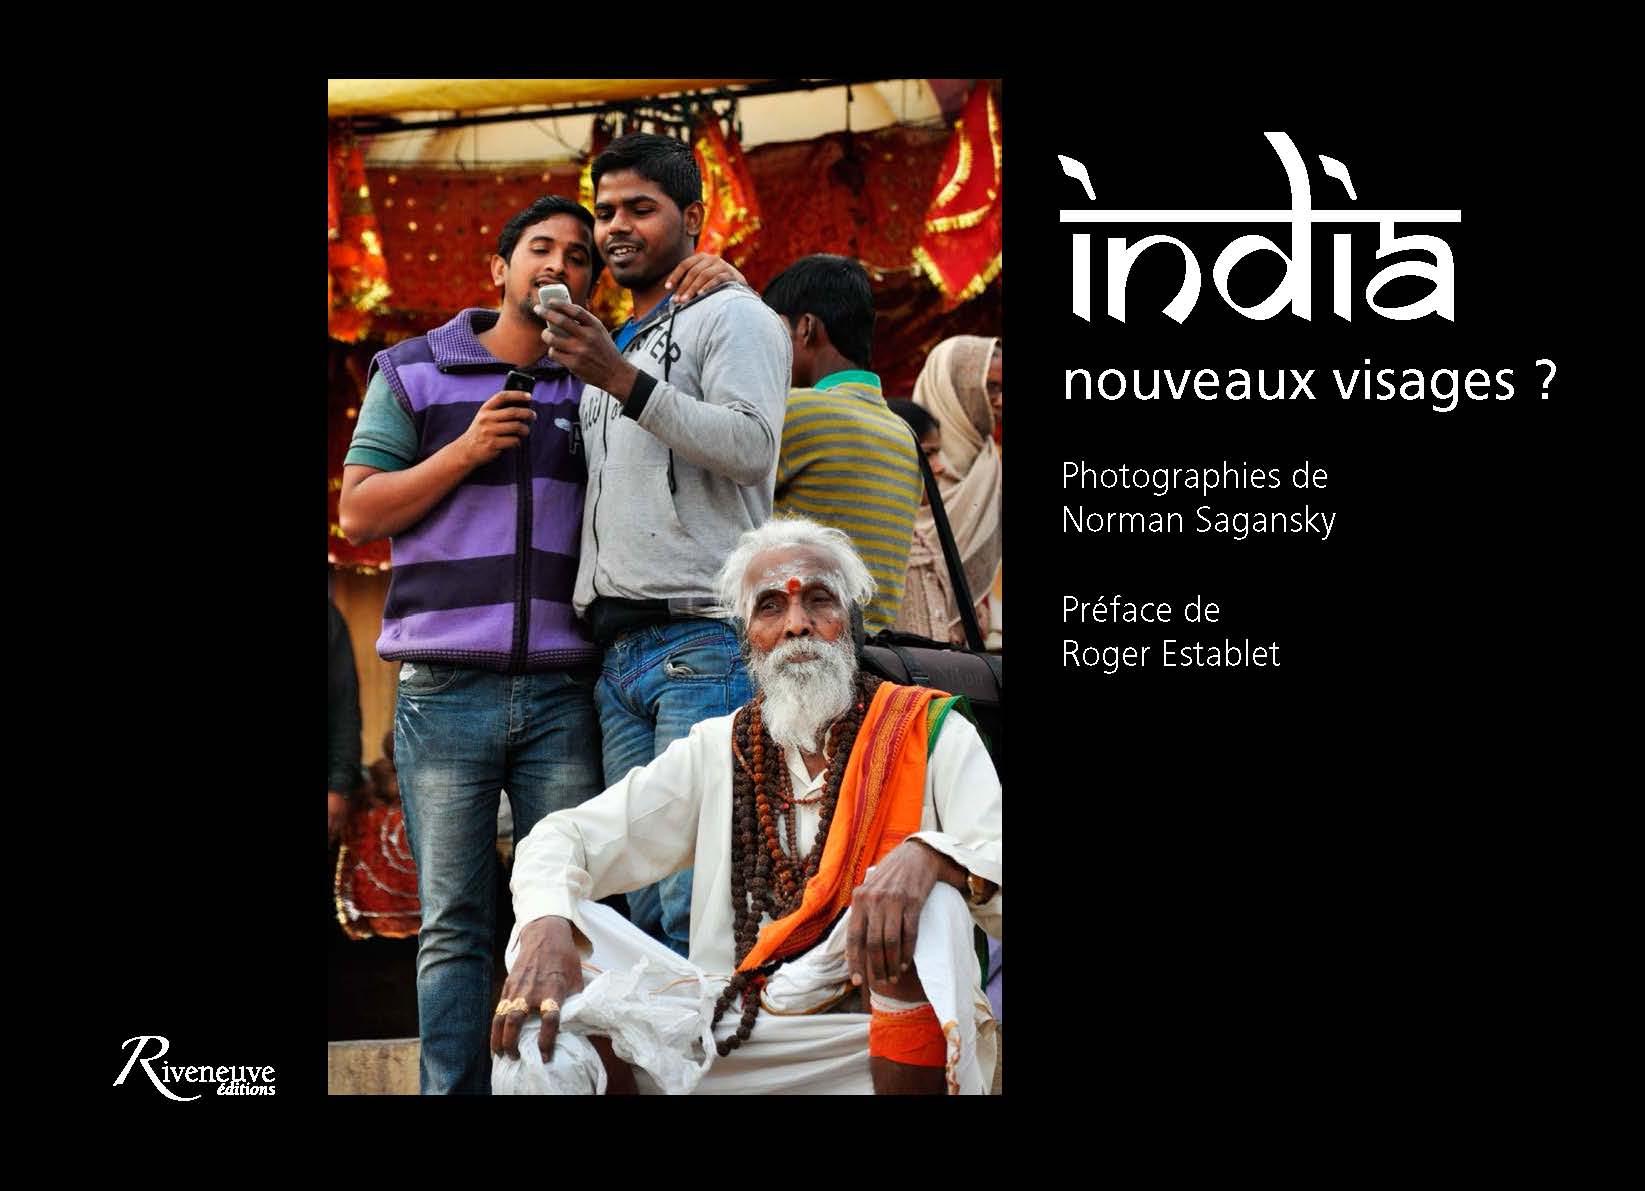 India : nouveaux visages ?